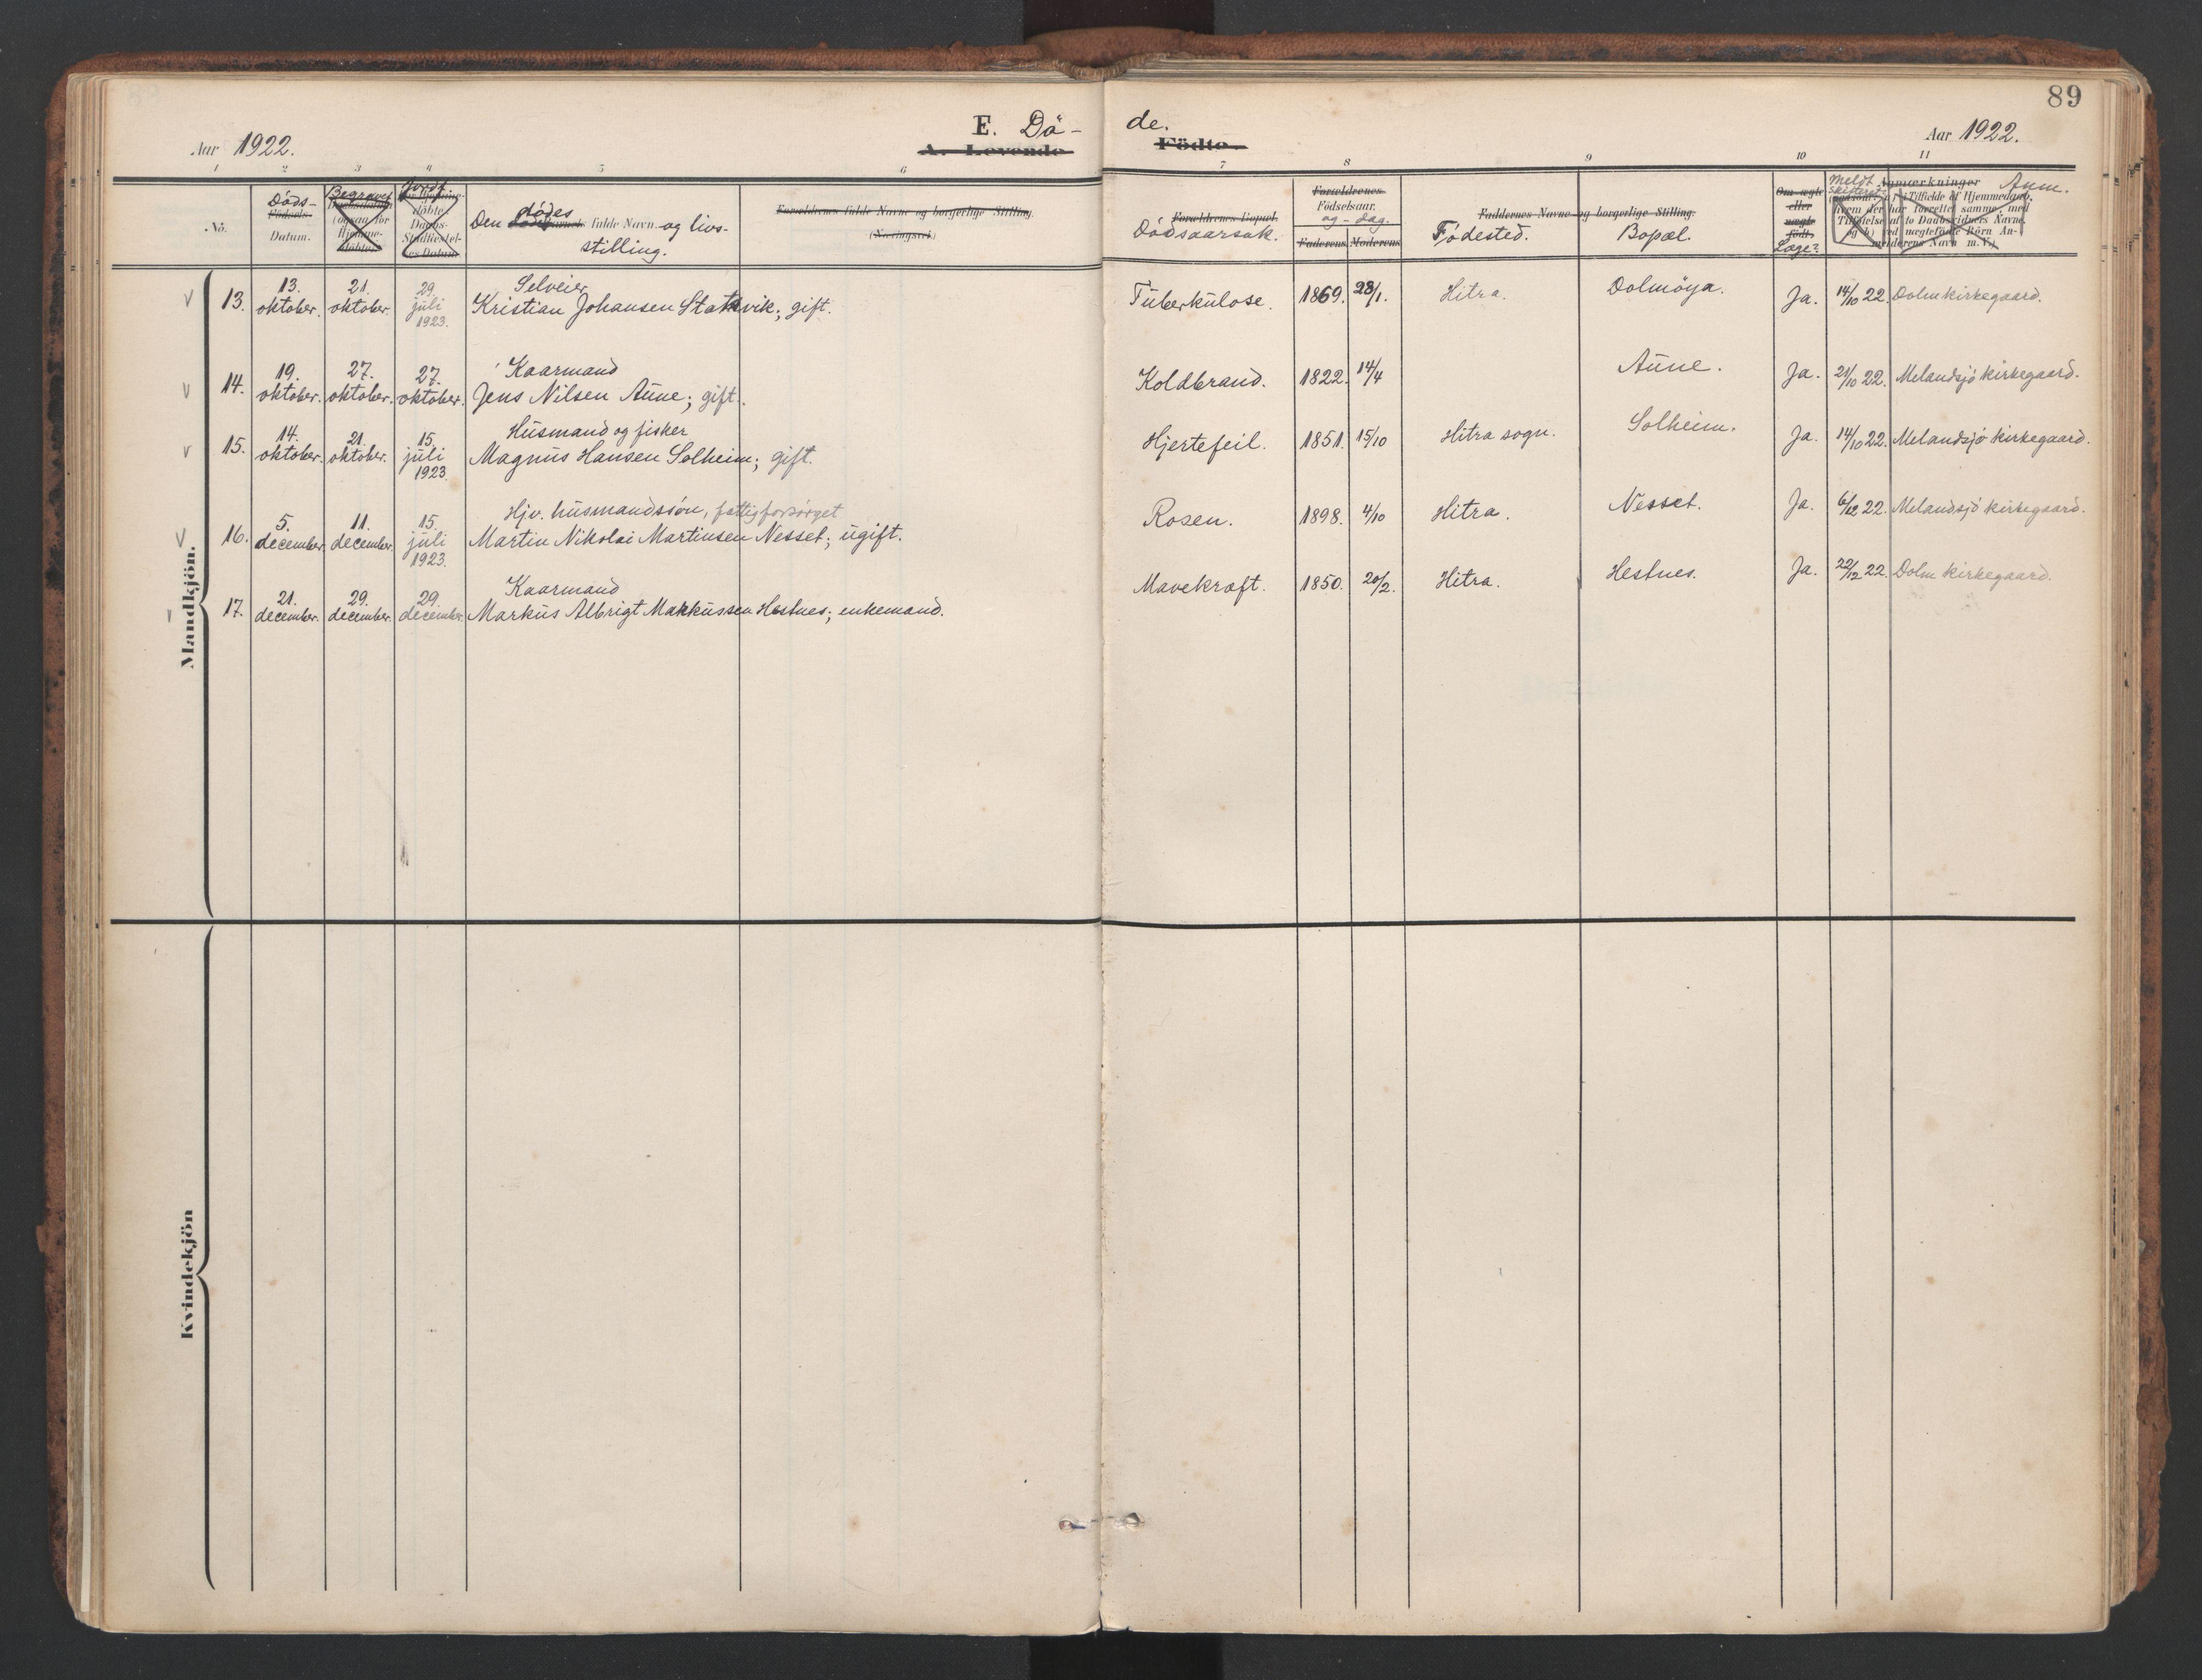 SAT, Ministerialprotokoller, klokkerbøker og fødselsregistre - Sør-Trøndelag, 634/L0537: Ministerialbok nr. 634A13, 1896-1922, s. 89